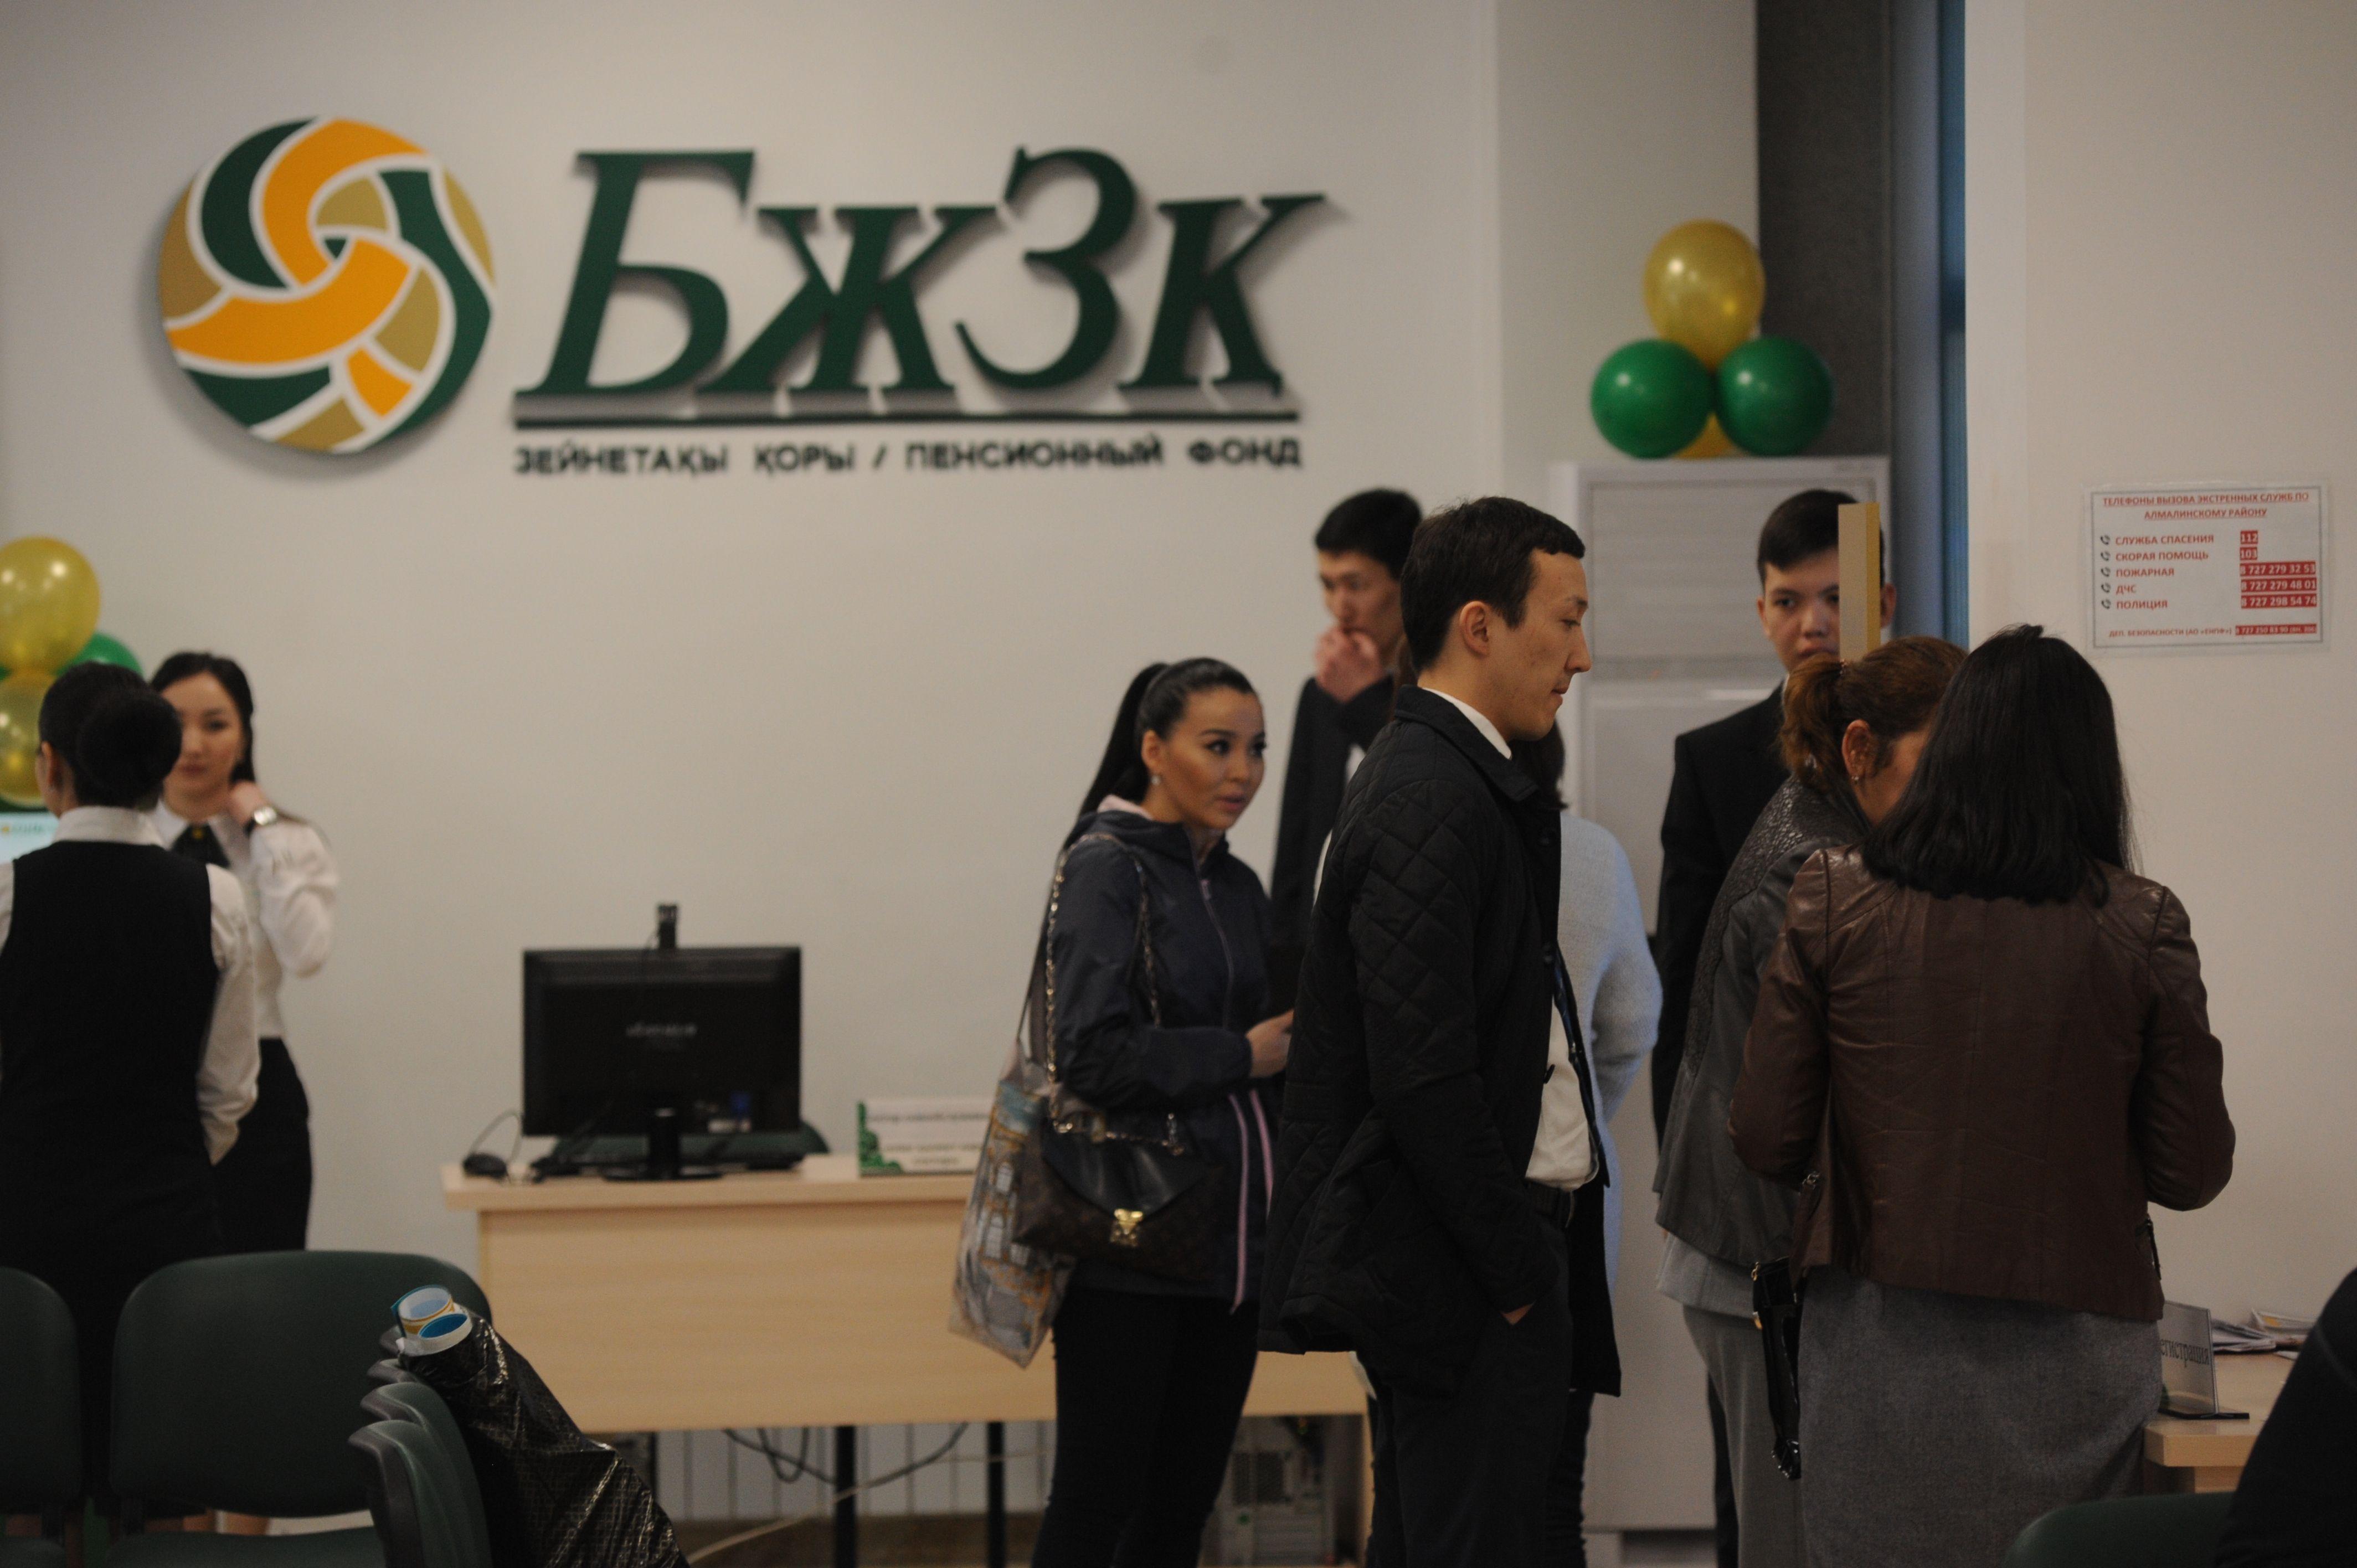 ЕНПФ: Сумма пенсионных накоплений составила 7,67трлн тенге- Kapital.kz